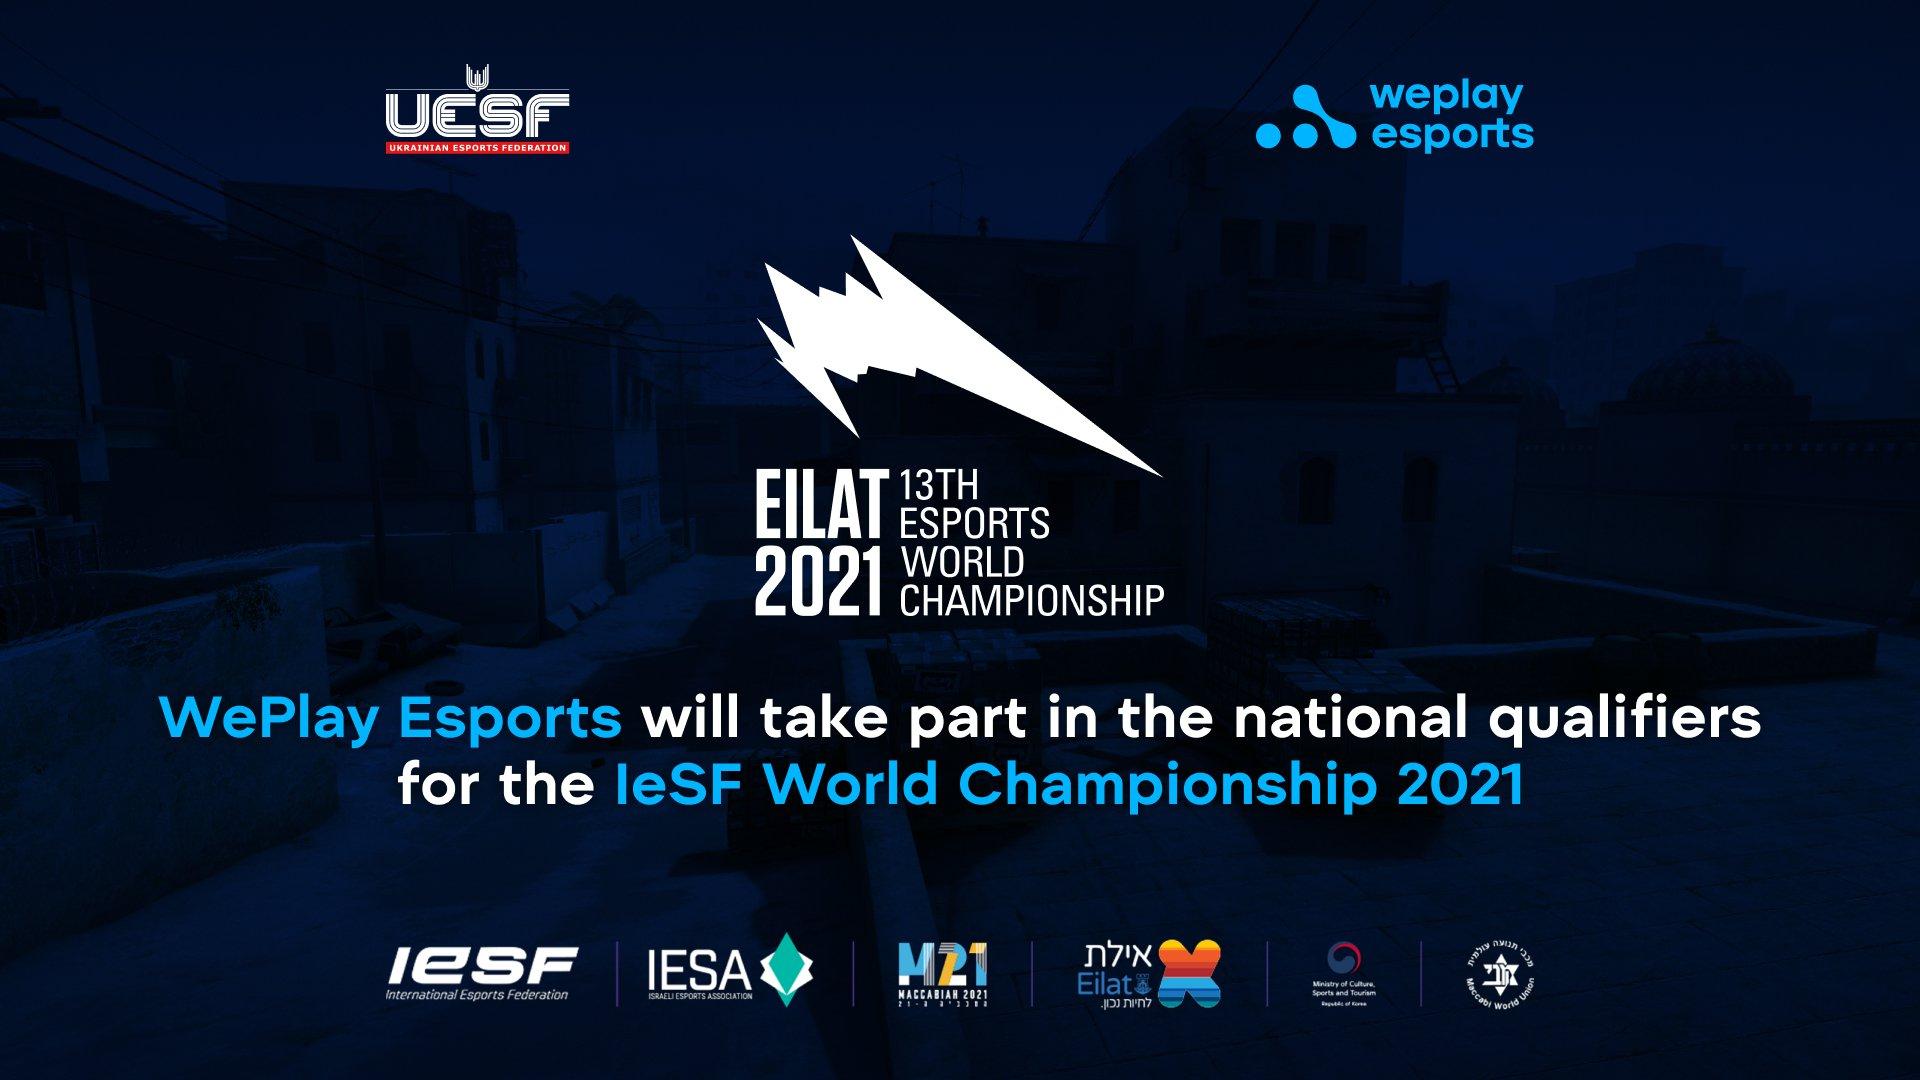 A WePlay Esports participará da organização das qualificatórias nacionais para o IeSF World Championship 2021. Imagem: WePlay Holding